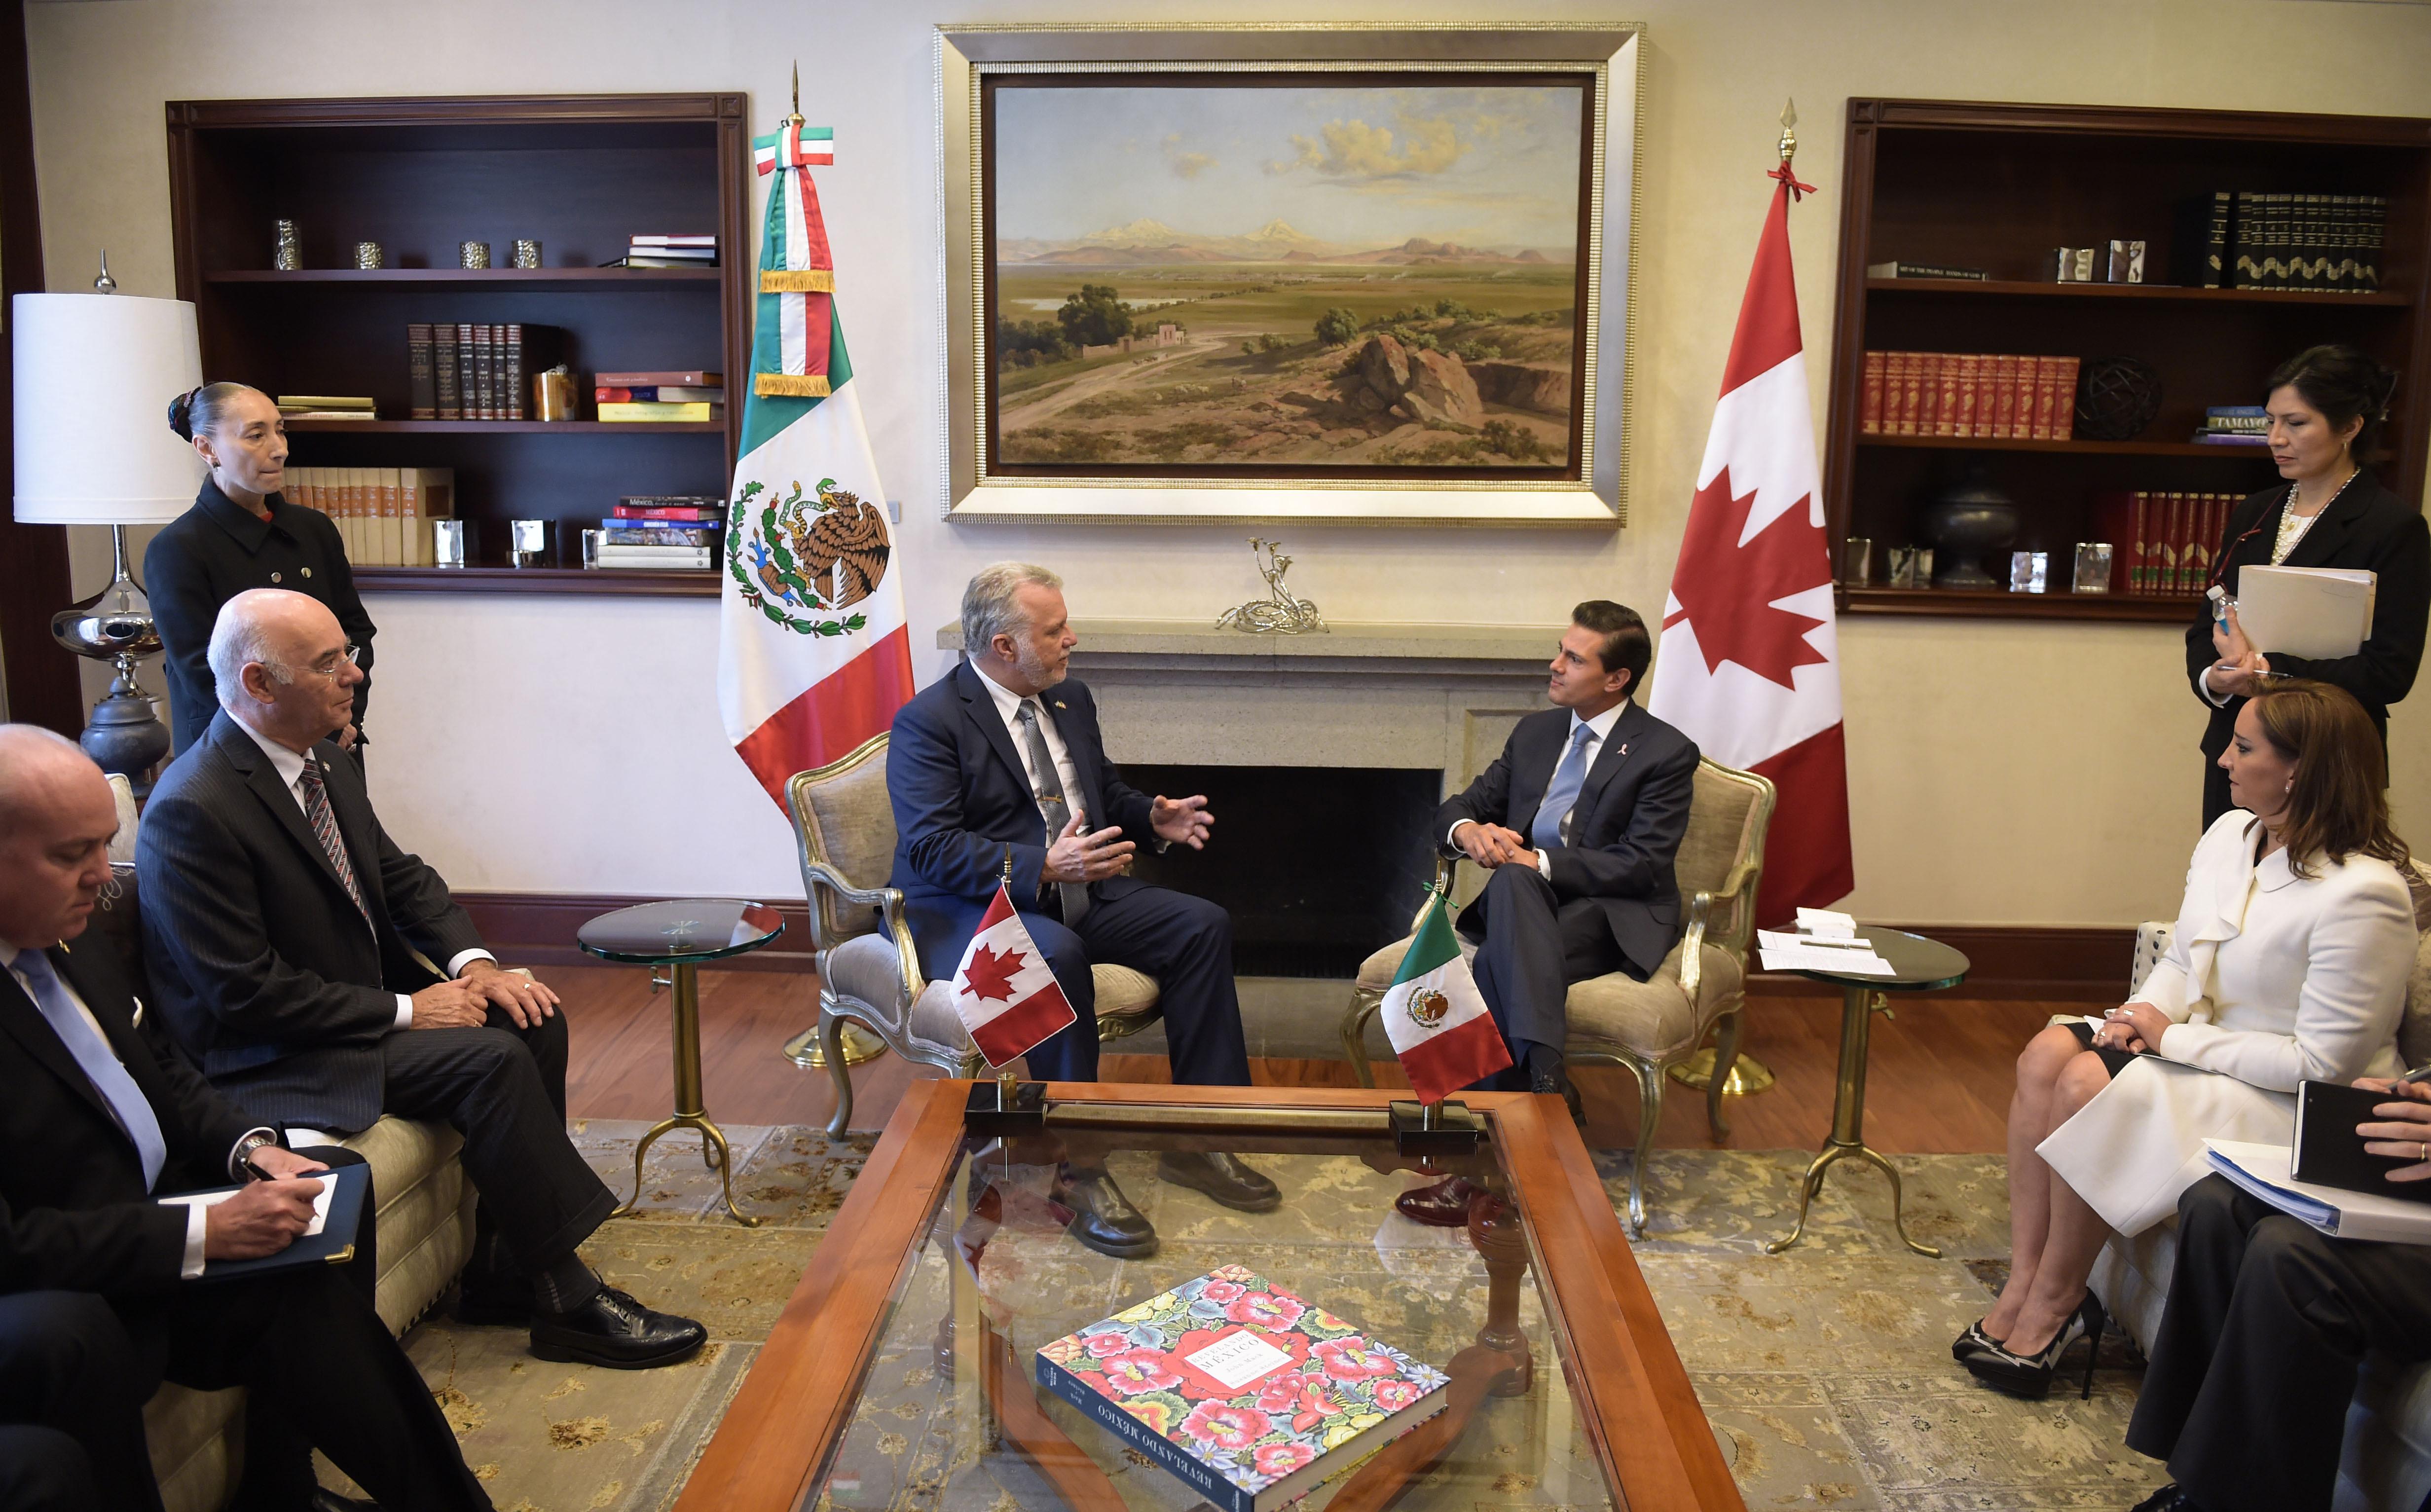 En el marco del 35 aniversario del establecimiento de la Delegación General de Quebec en México, el Presidente Enrique Peña Nieto dio la bienvenida al Primer Ministro, que se encuentra de visita en México acompañado por una delegación de 70 empresarios.